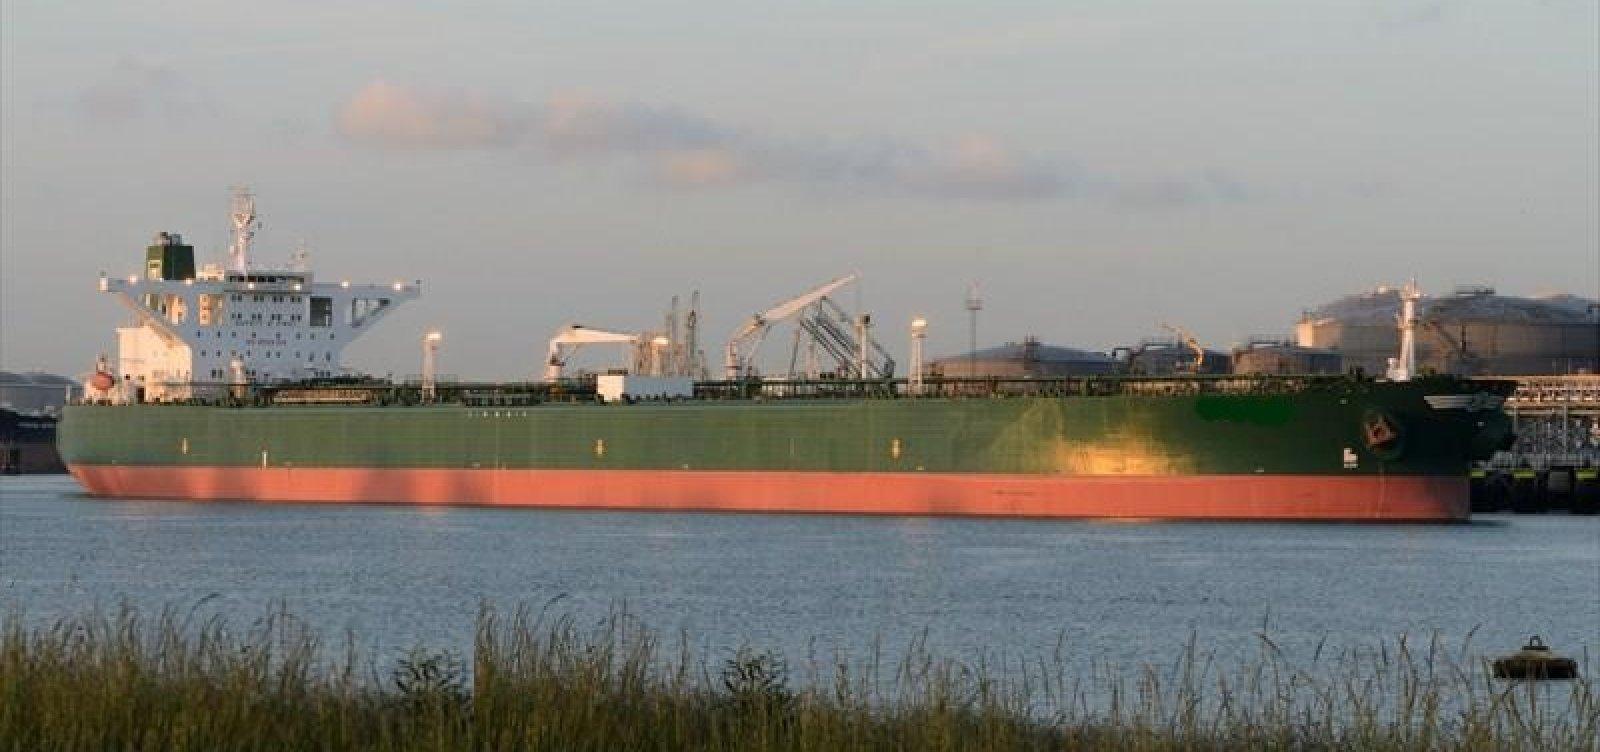 [Voyager I, novo navio suspeito de derramar óleo, aproxima-se do Brasil]